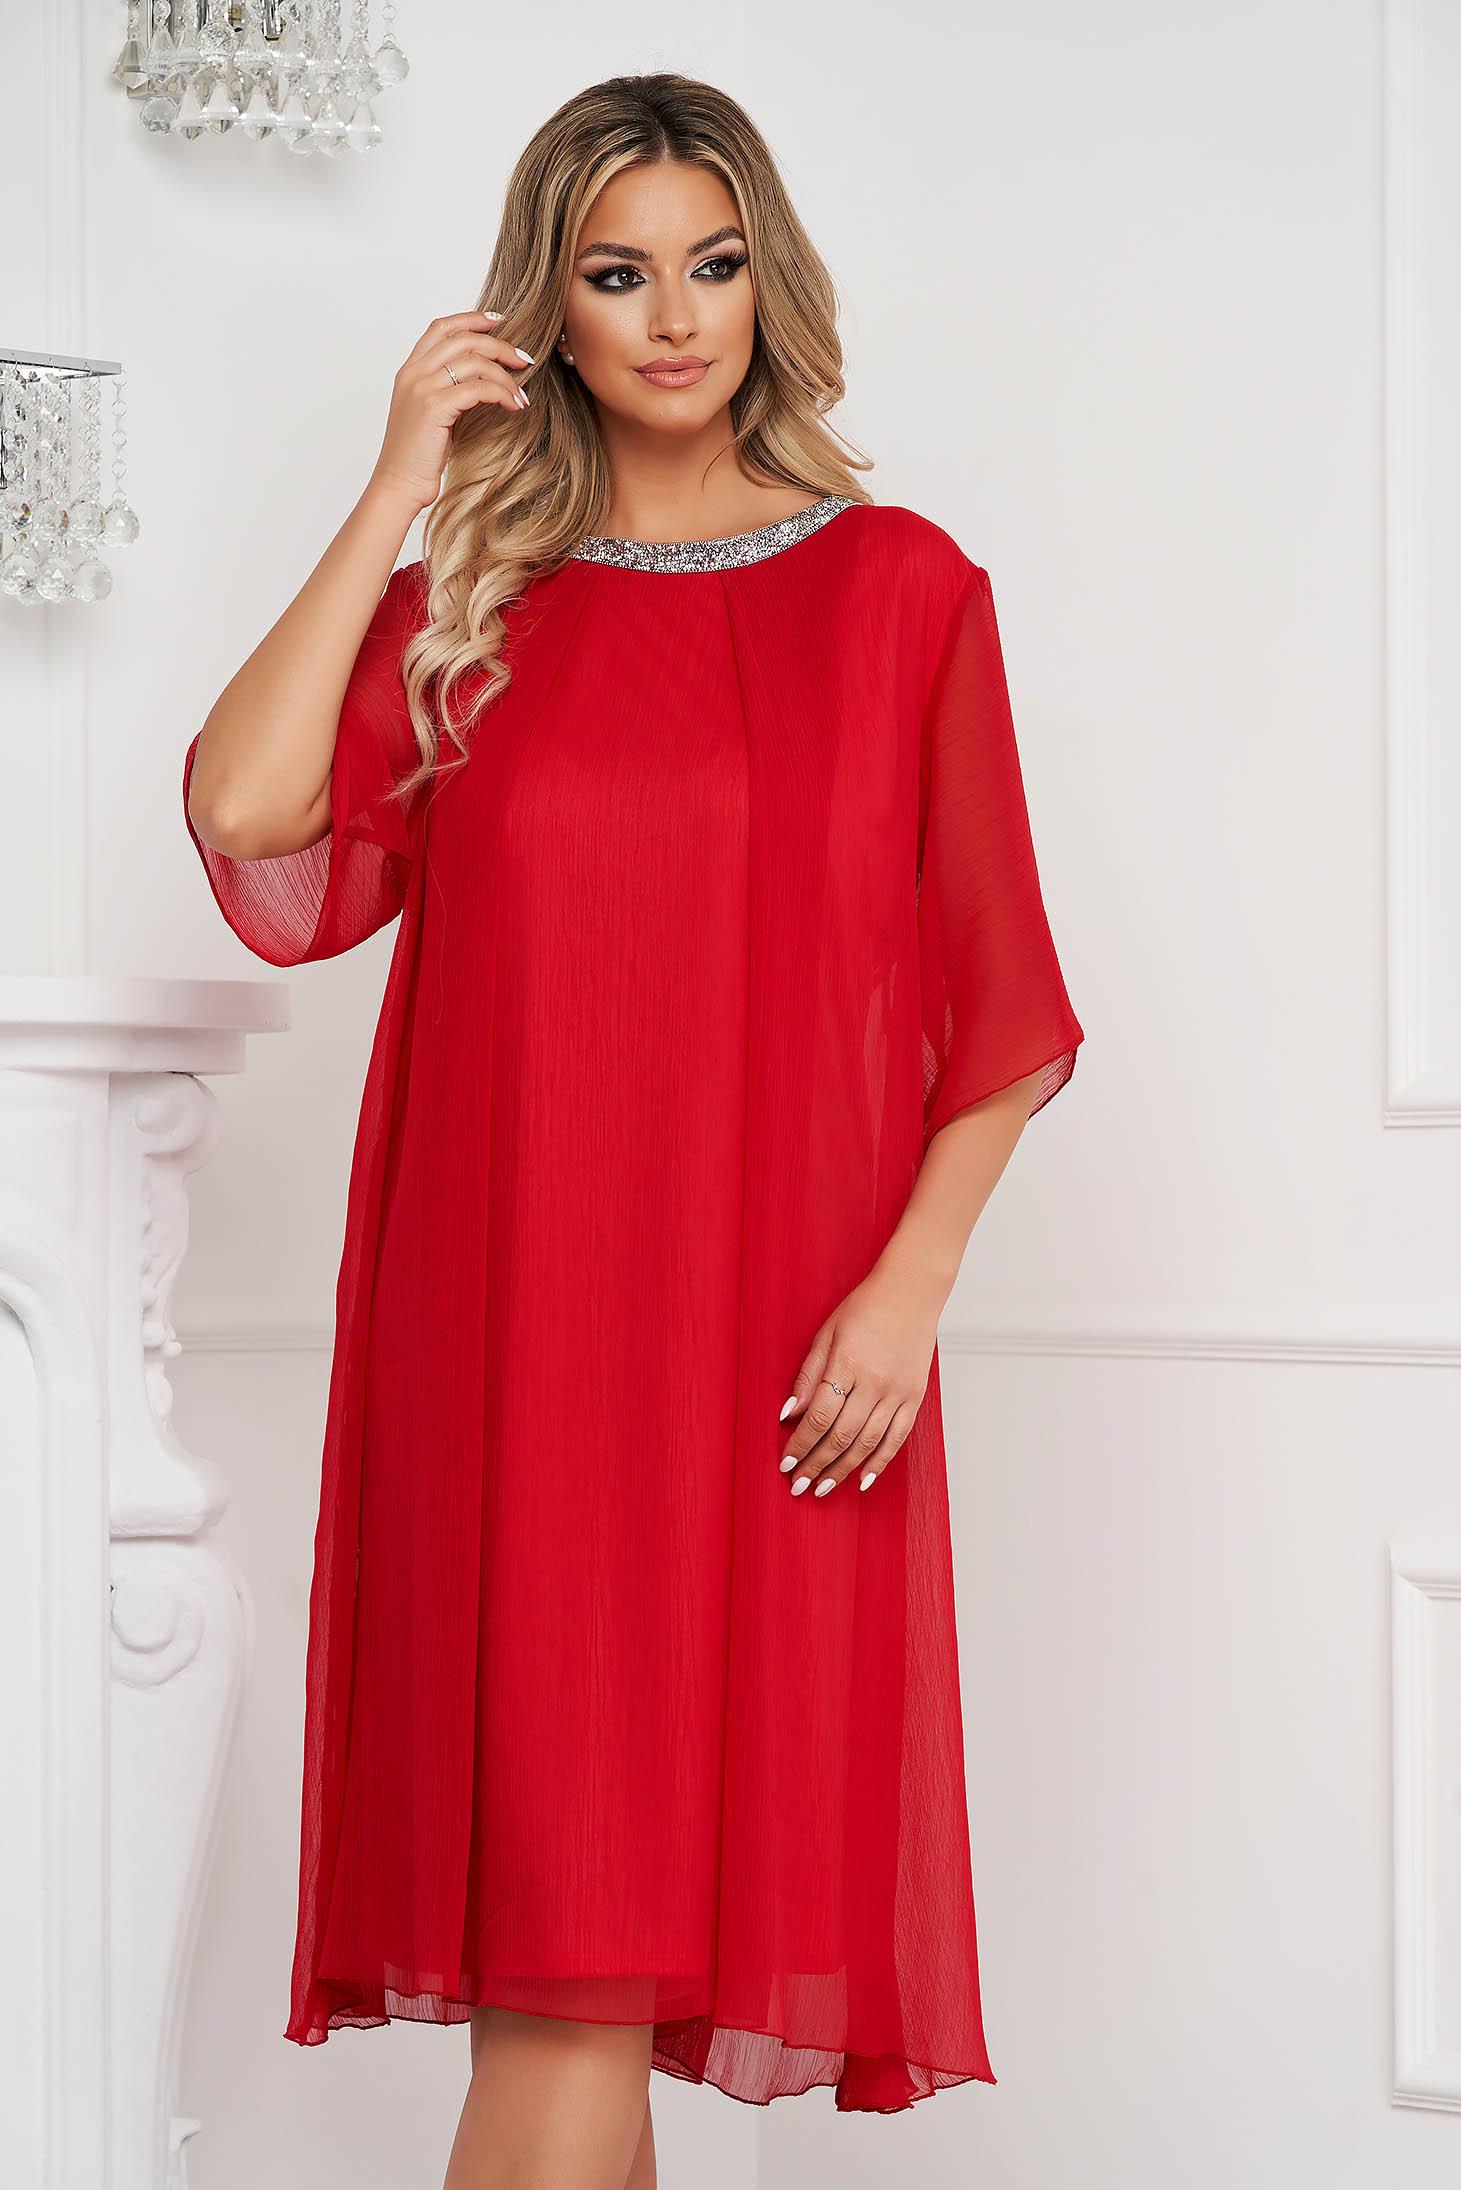 Bő szabású piros midi muszlin ruha strassz köves díszítés